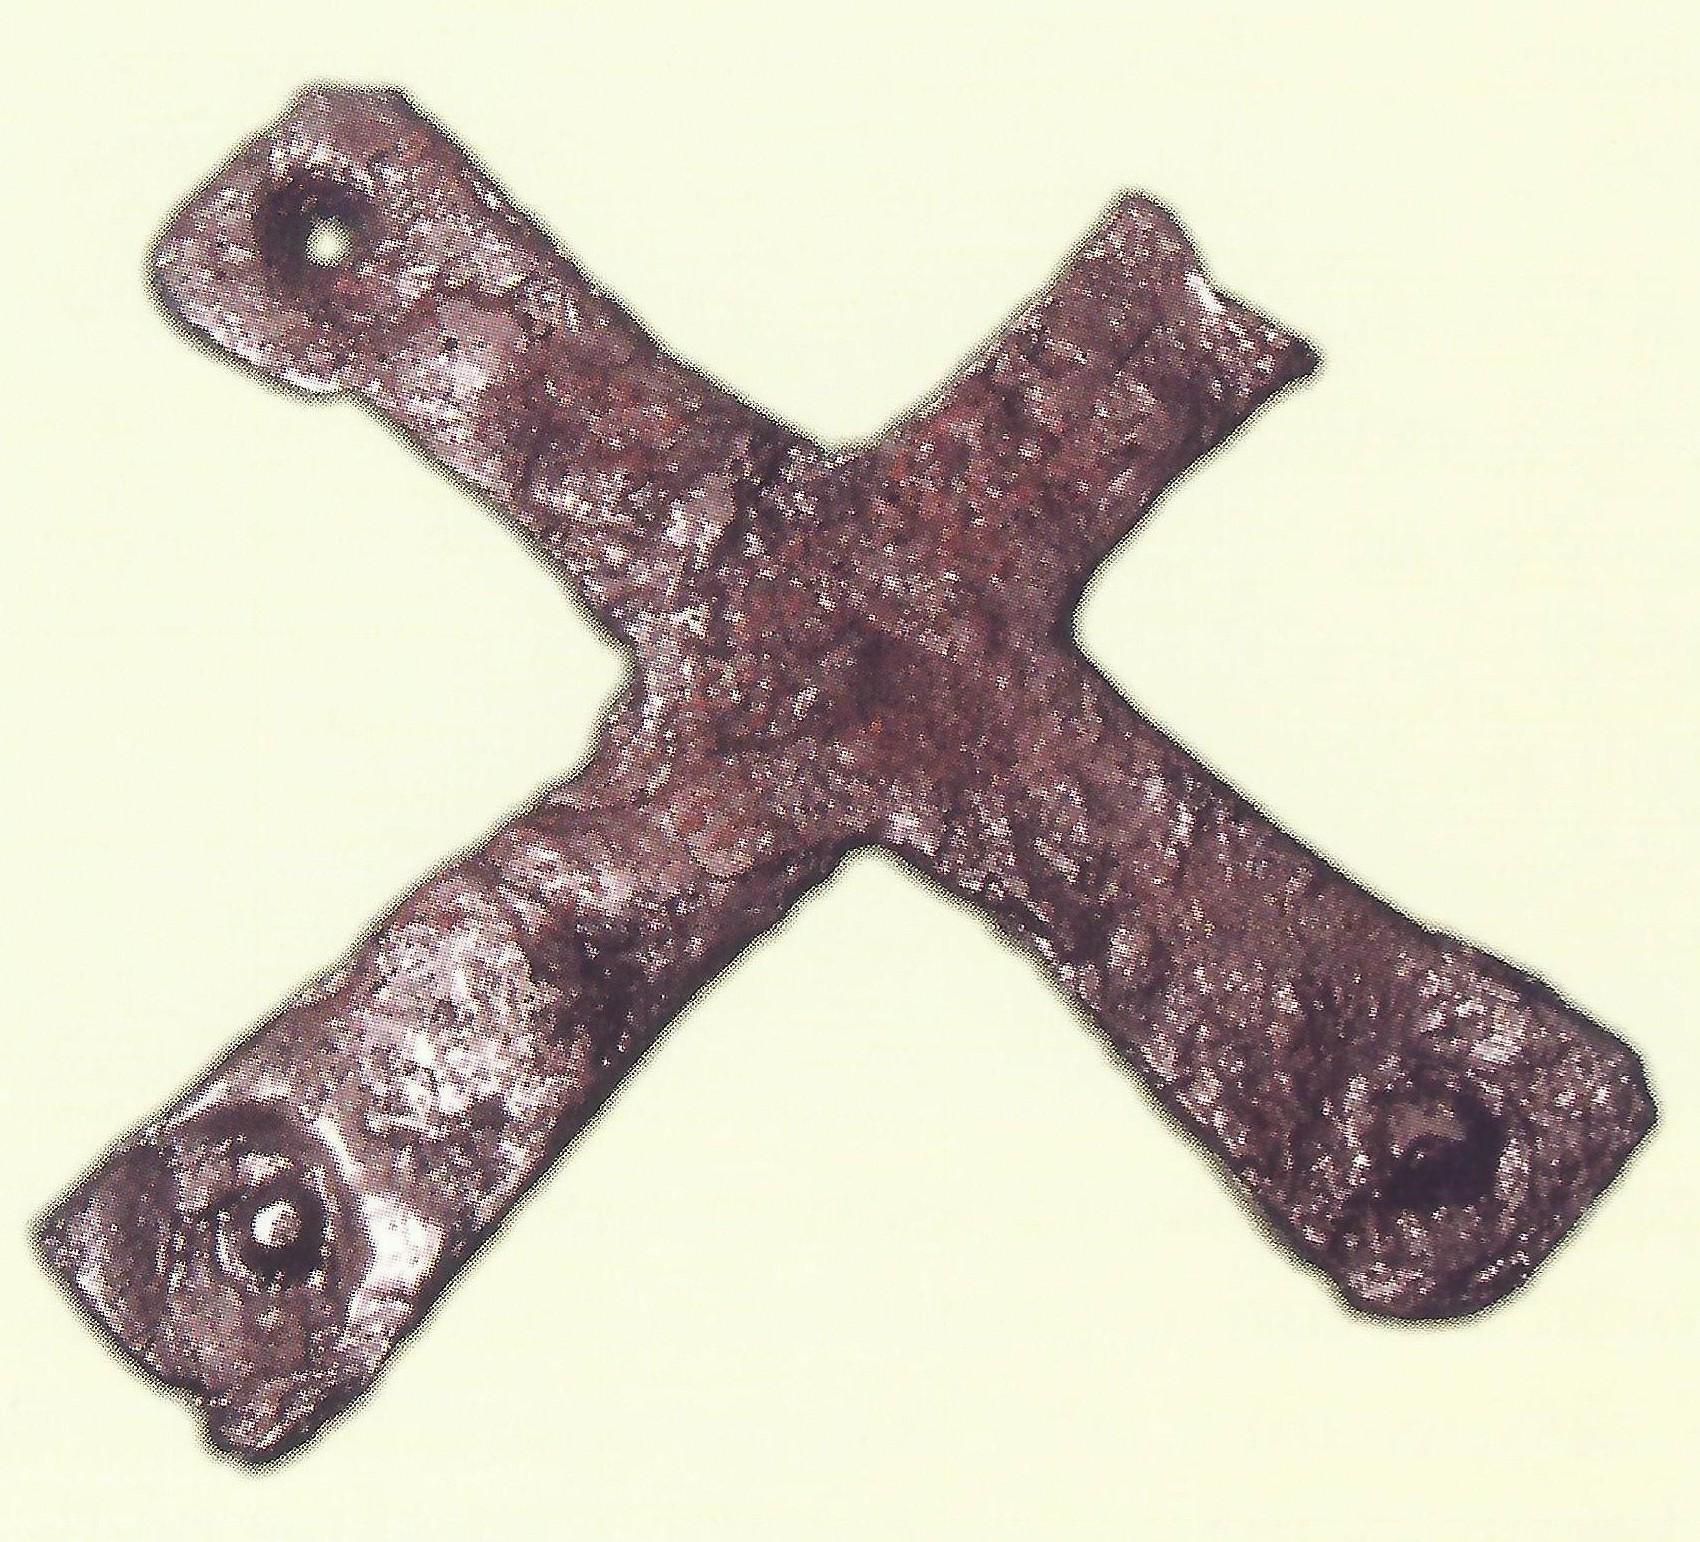 Pocínovaný železný krížik nájdený v kresťanskej stavbe (objekt III), Bratislava-Devín